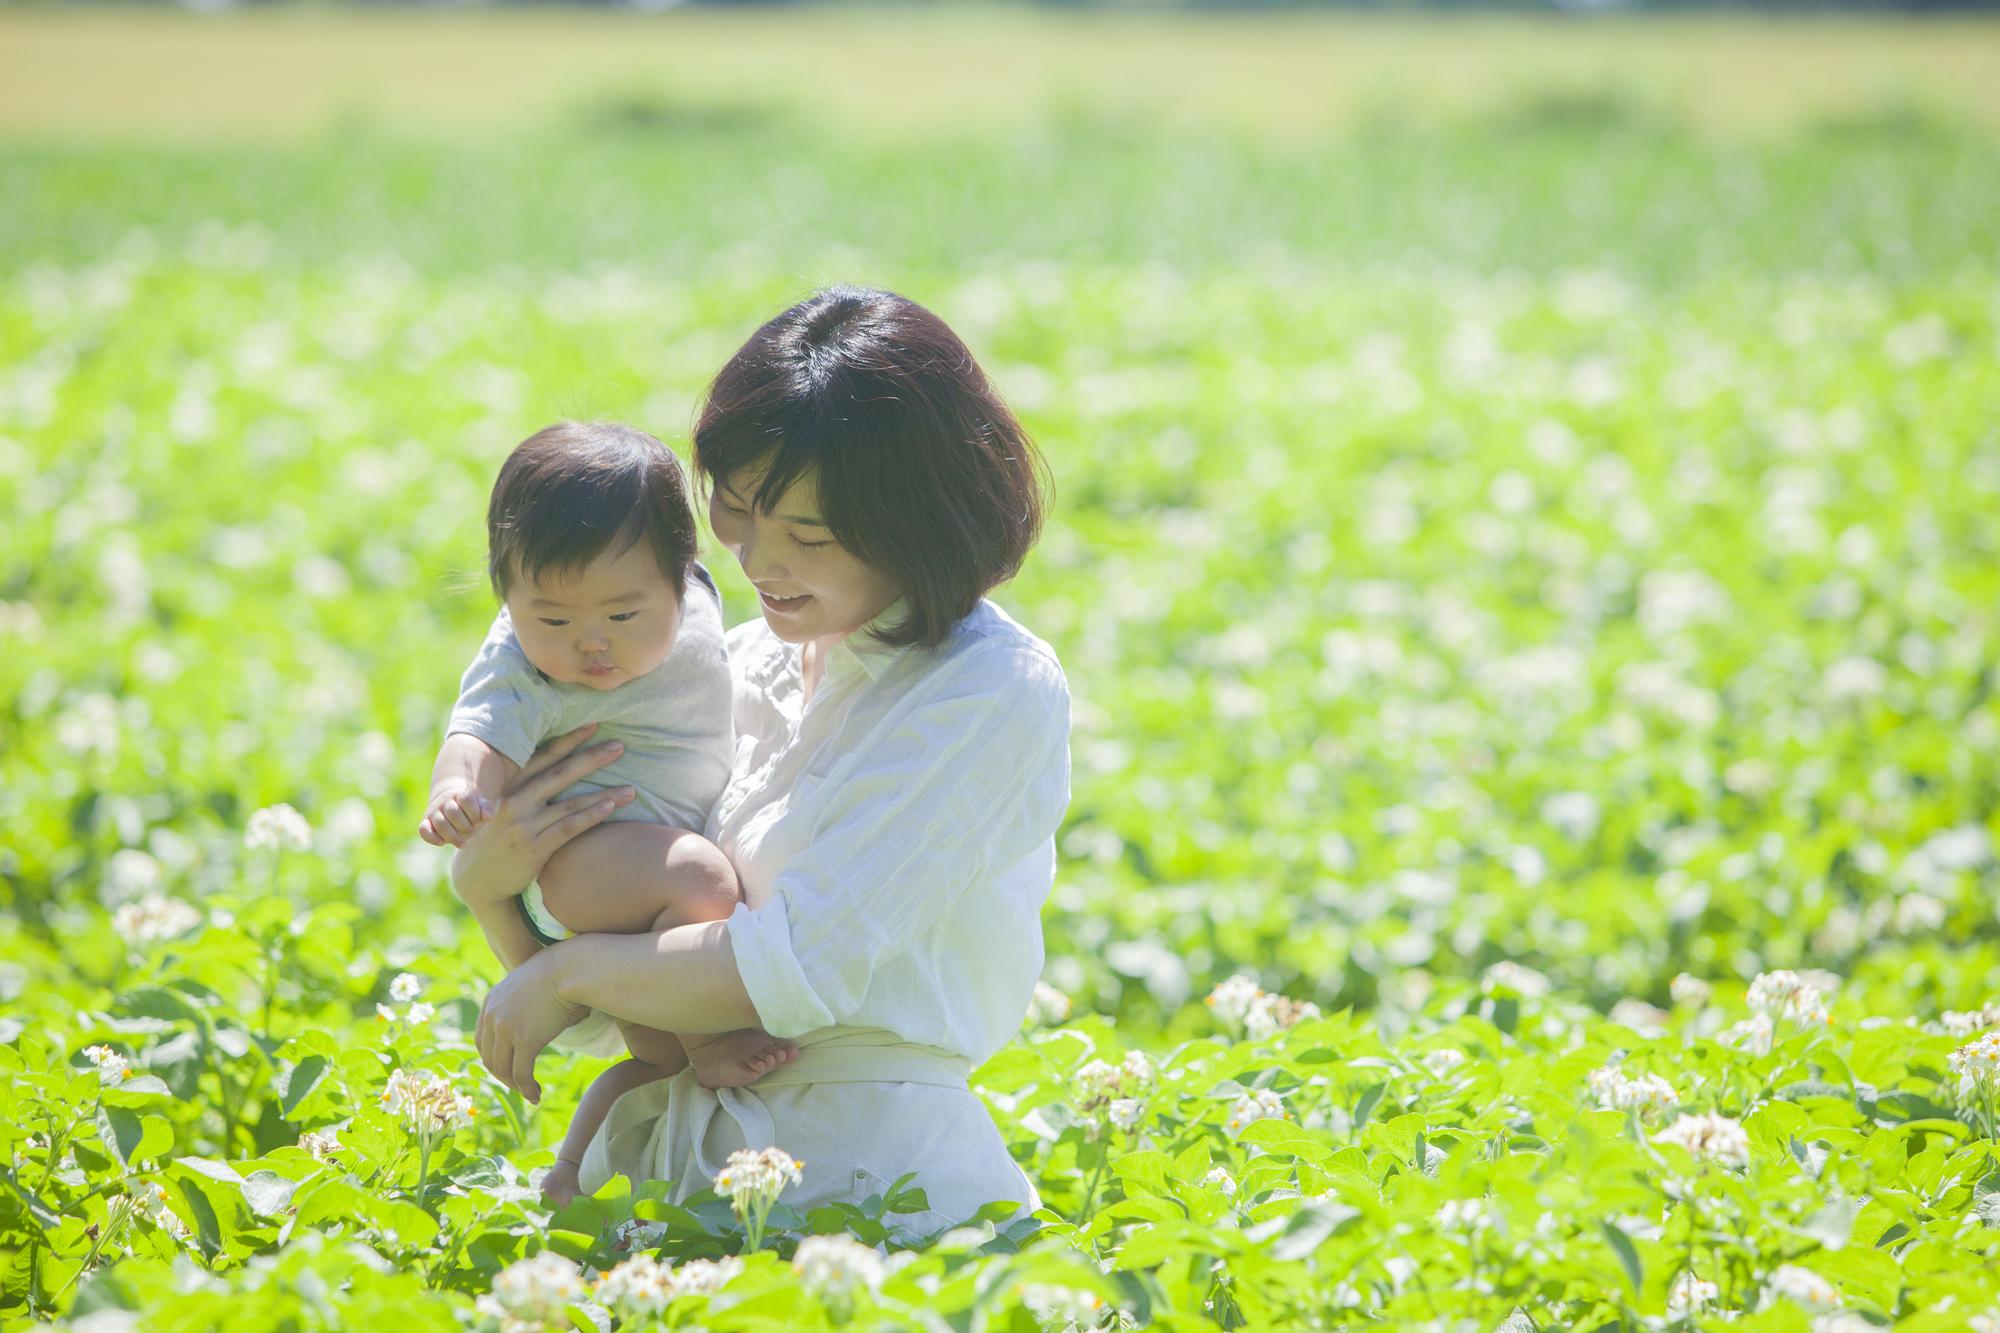 もう子育てしたくない!疲れた…母親の自由時間のつくり方と息抜き法 ...